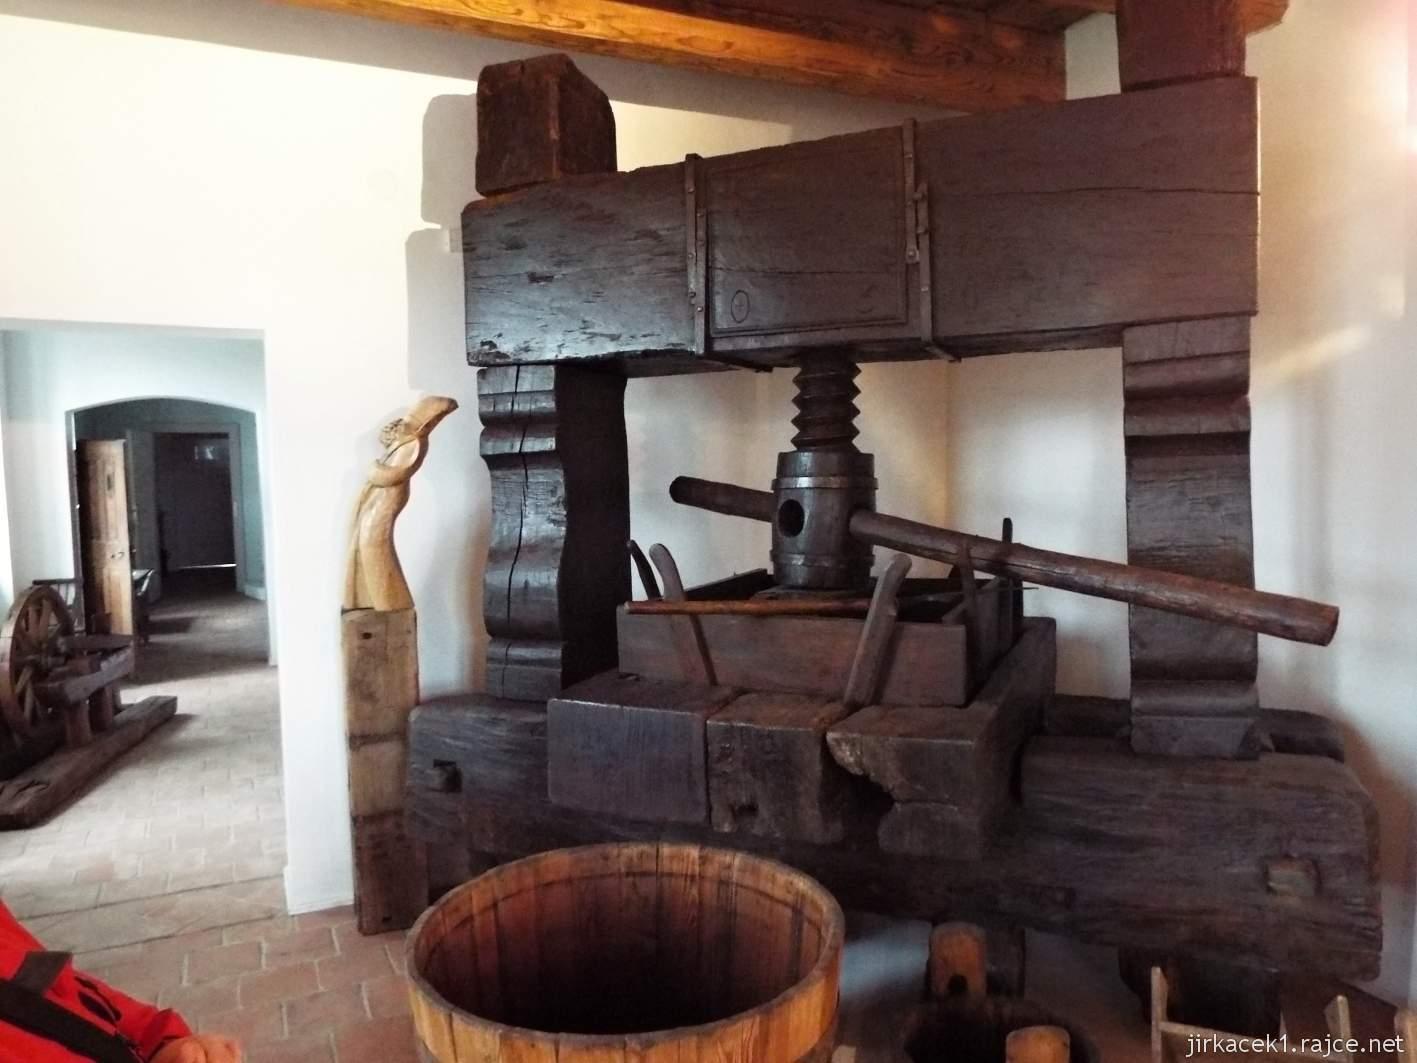 Žarošice - muzeum - expozice vinařství a řemesel - šroubový vinný lis z roku 1805